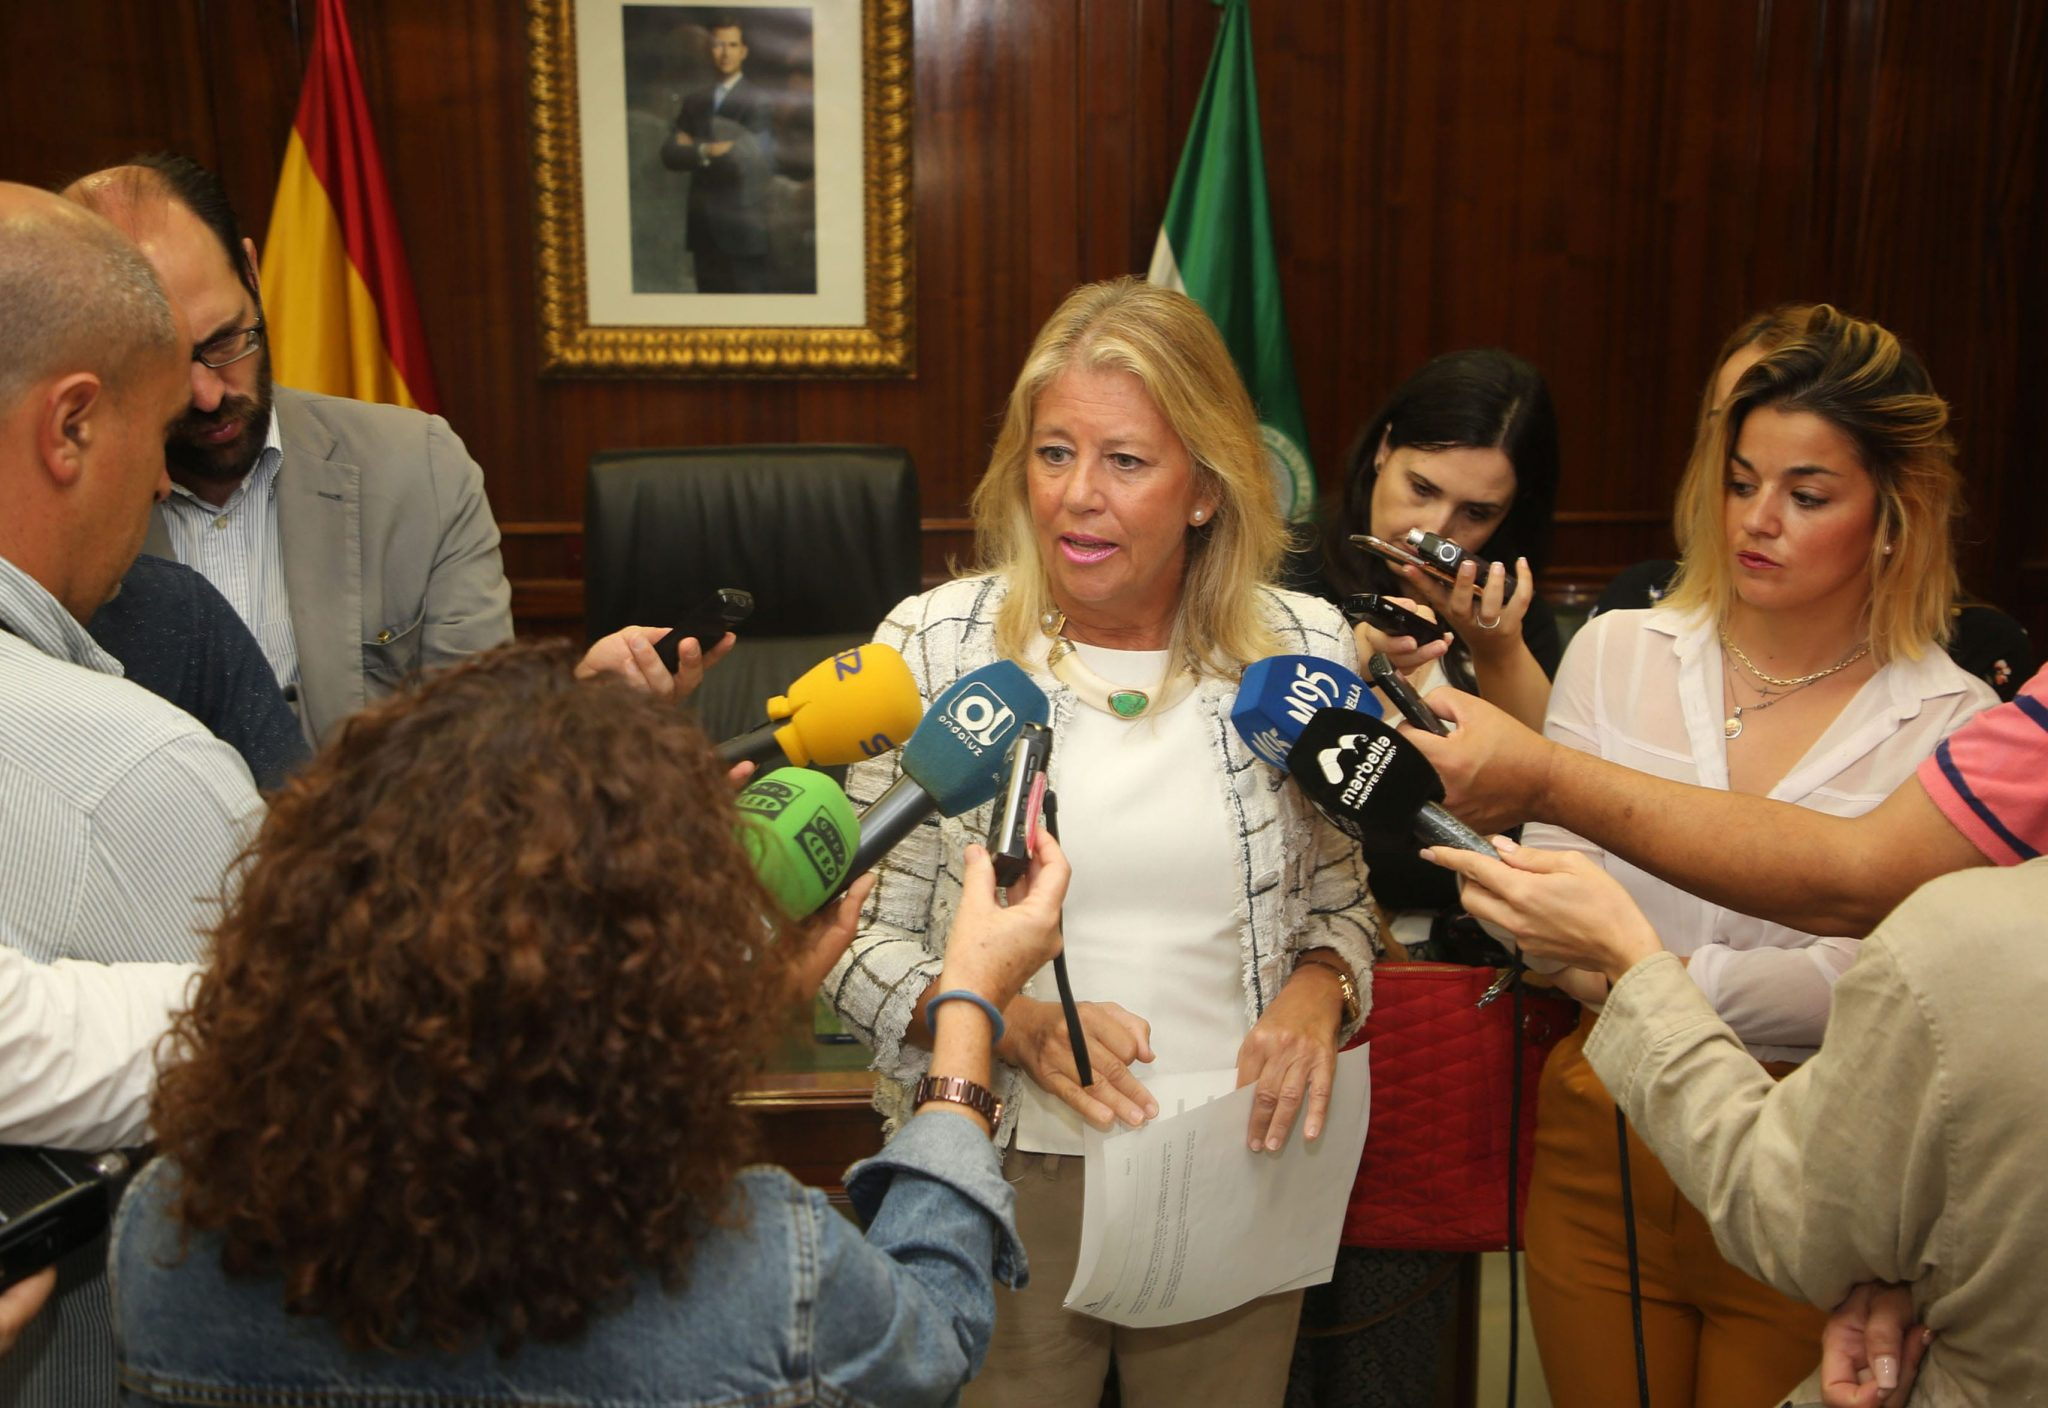 La SS reclama al Ayuntamiento los doce millones recuperados en los procedimientos judiciales por corrupción